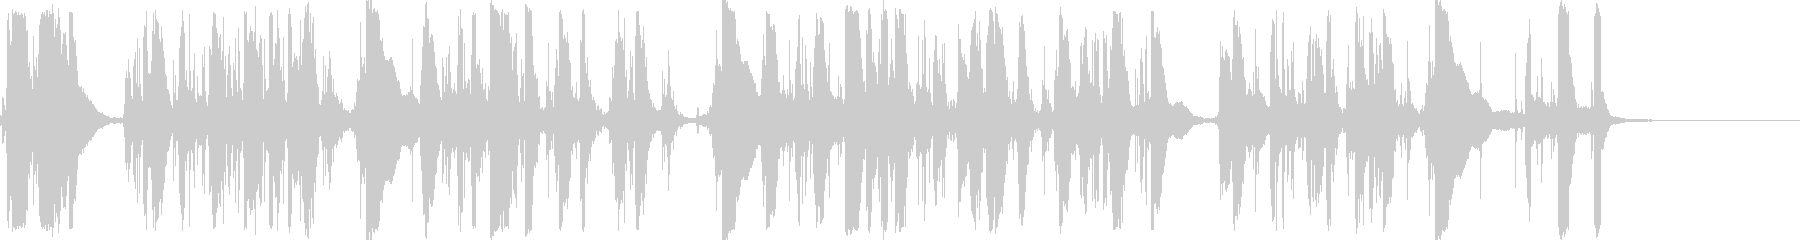 カチャカチャチーン・タイプライター長めの未再生の波形